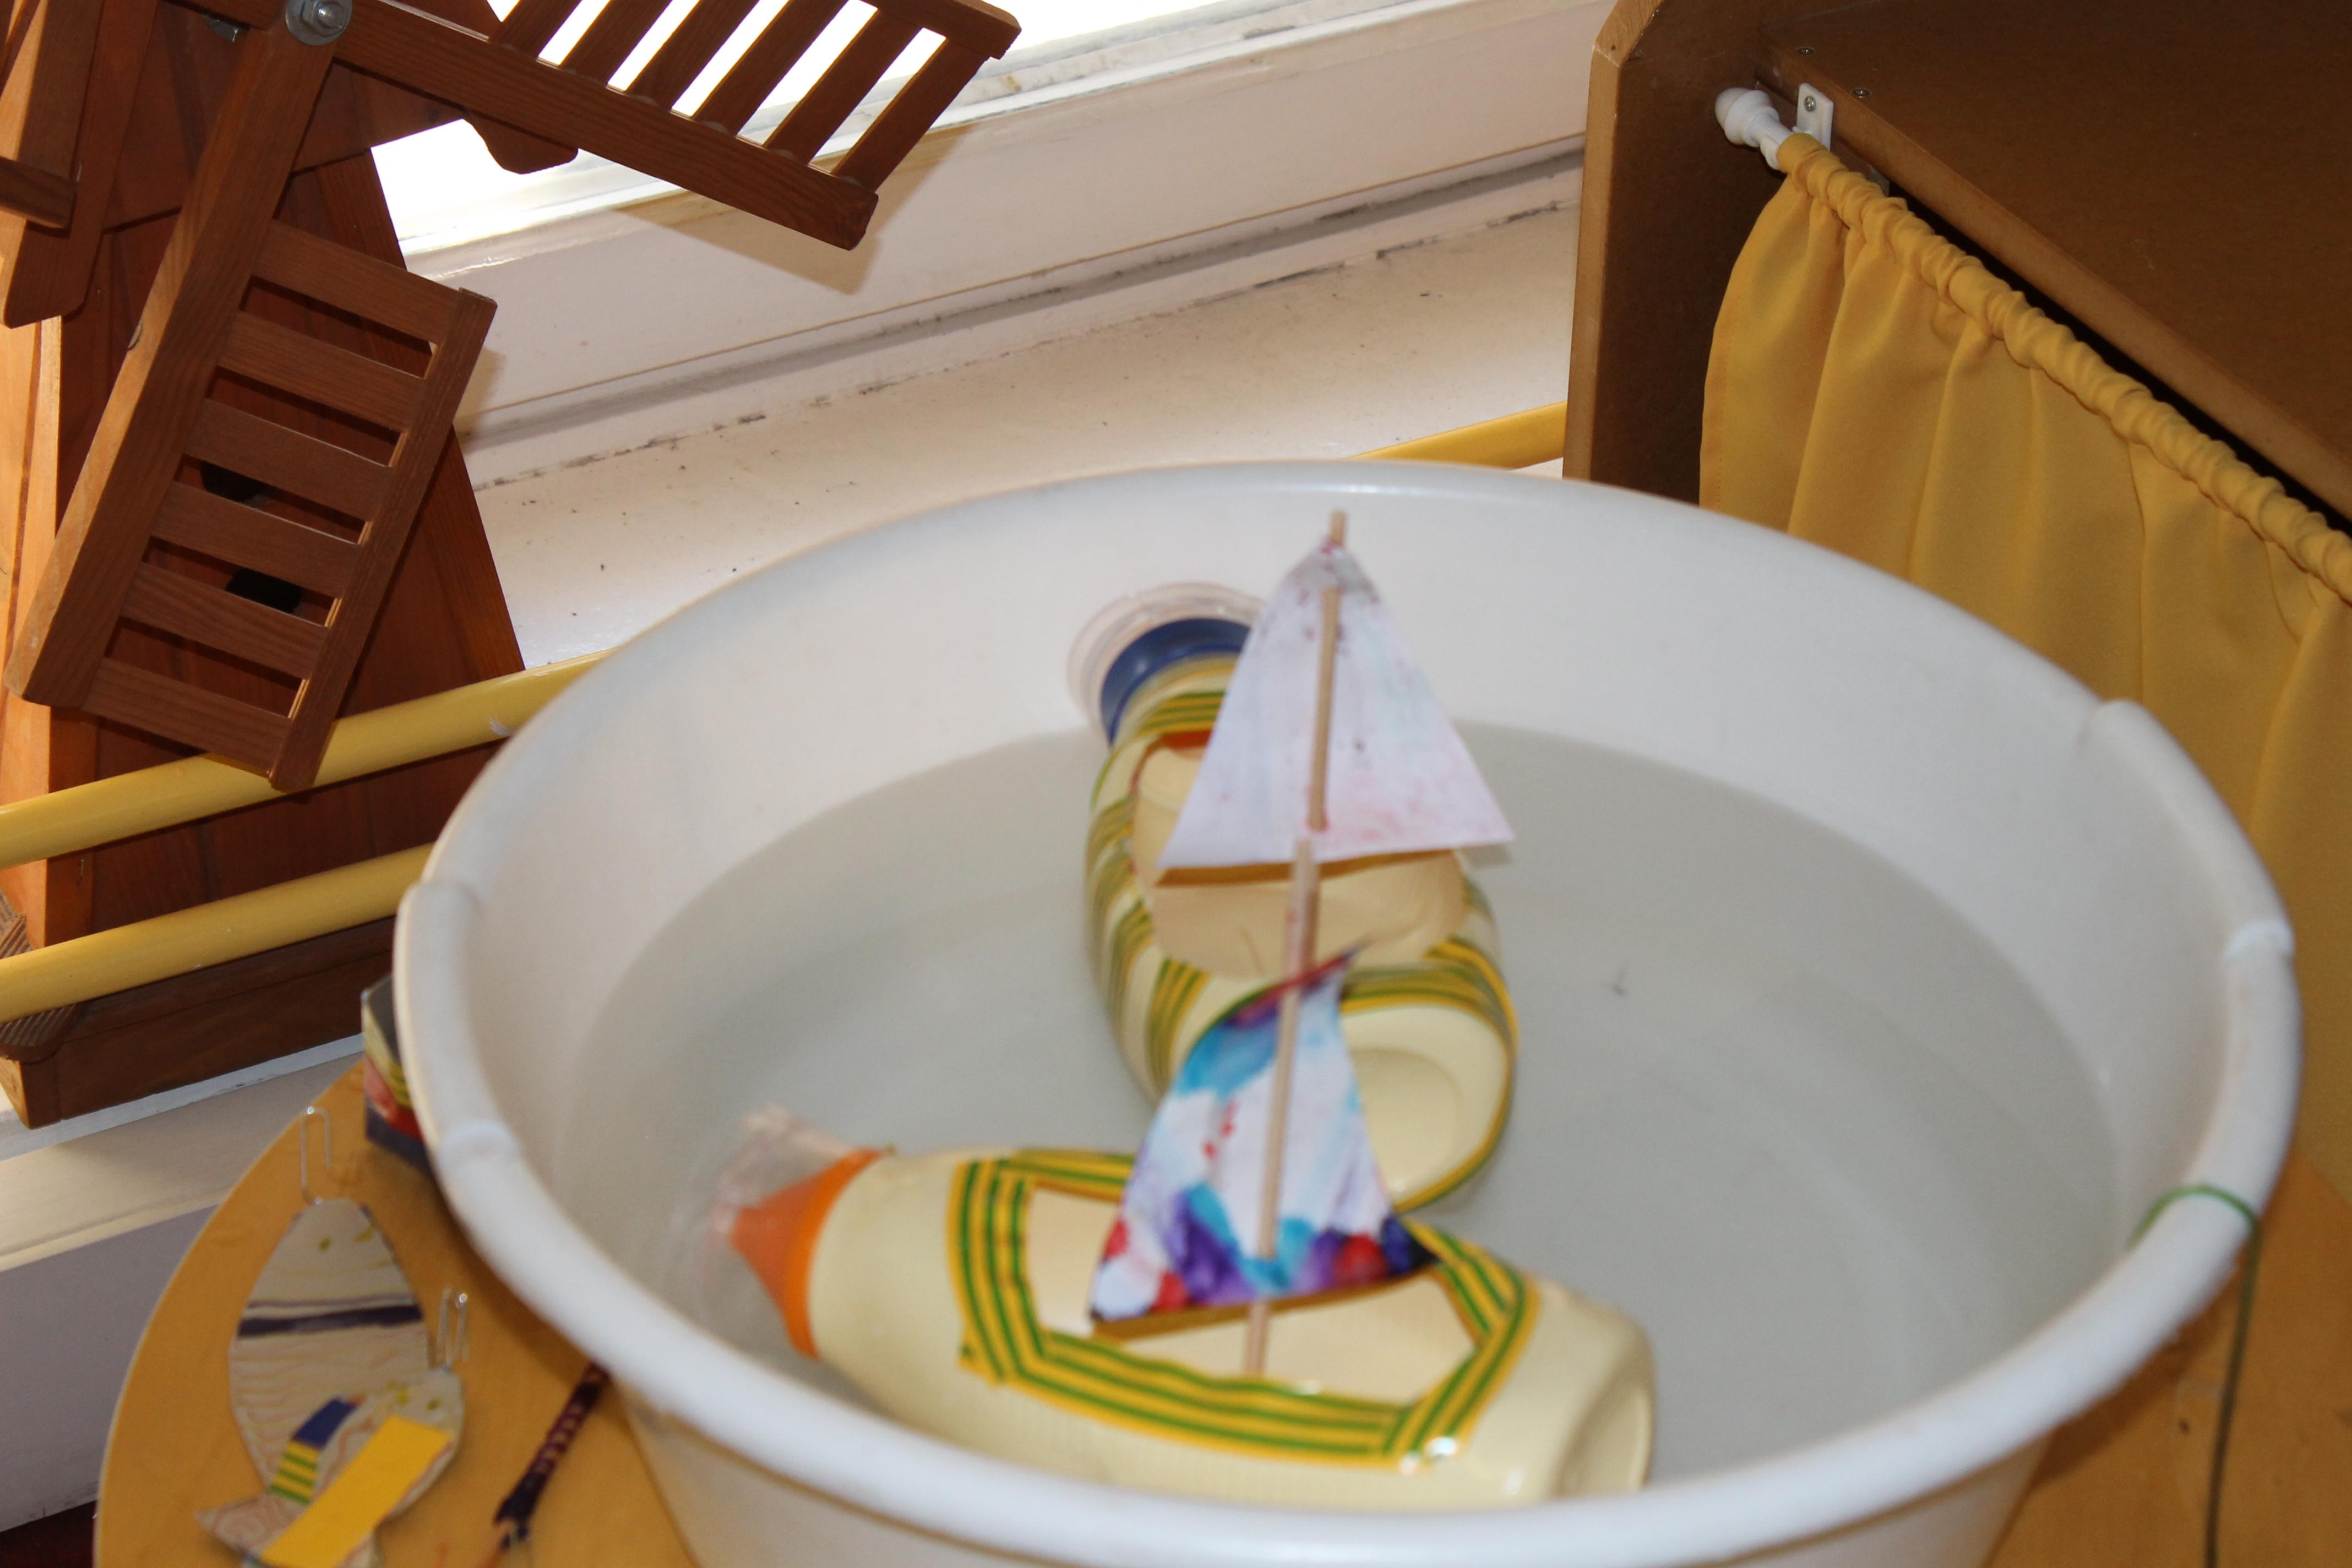 Hajó, csónak hulladékból (majonézes flakonból) 1. Kép forrása: Zöld-Híd Alapítvány